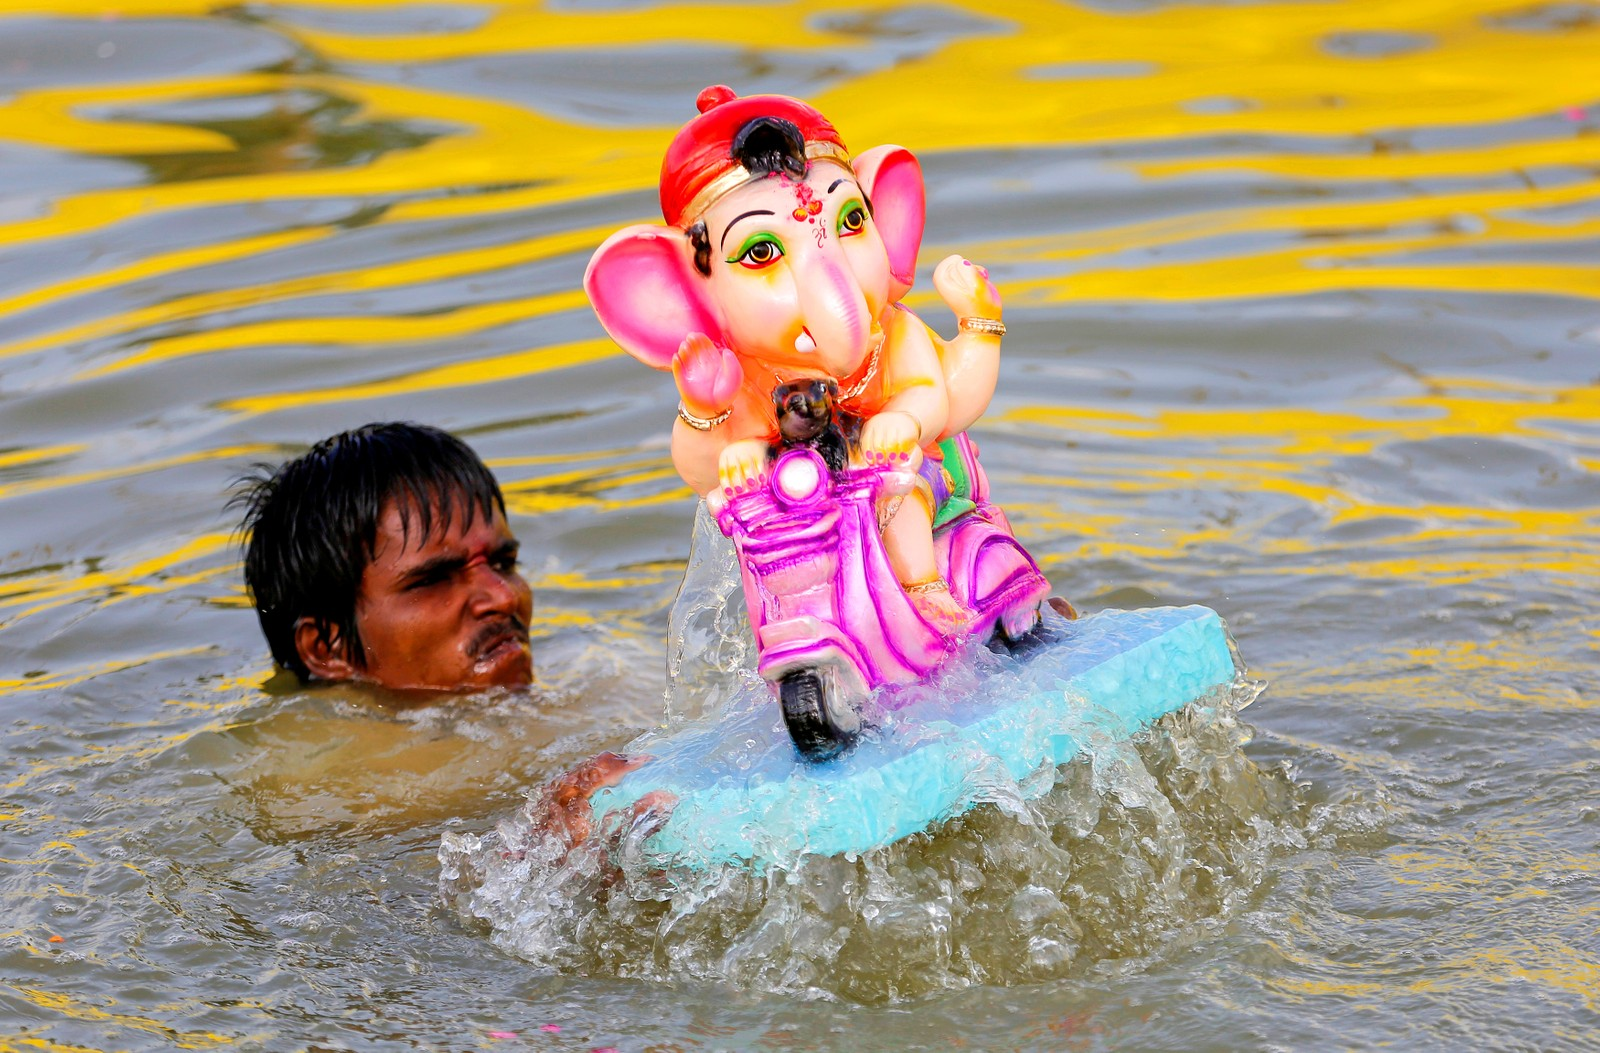 En mann senker et idol av Ganesh under den andre dagen av den hinduistiske festivalen Ganesh Chaturthi i Ahmedabad i India den 6. september.